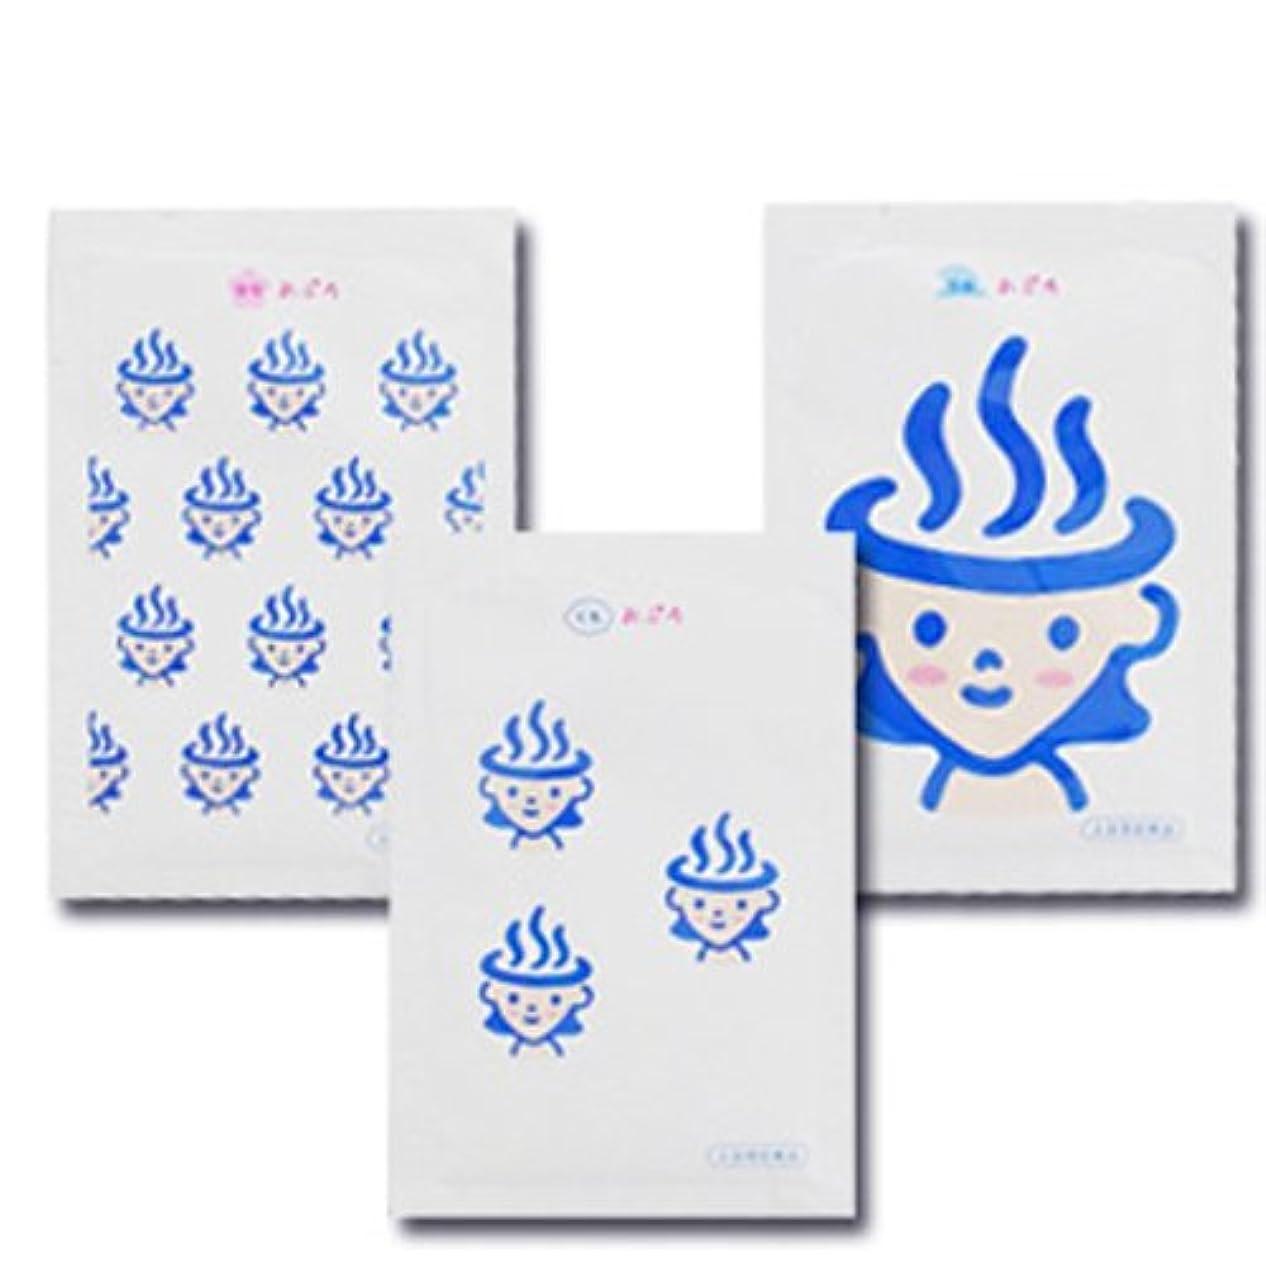 パトロン合図近似お風呂サプリ おぷろ 3包入り(3種×1包)